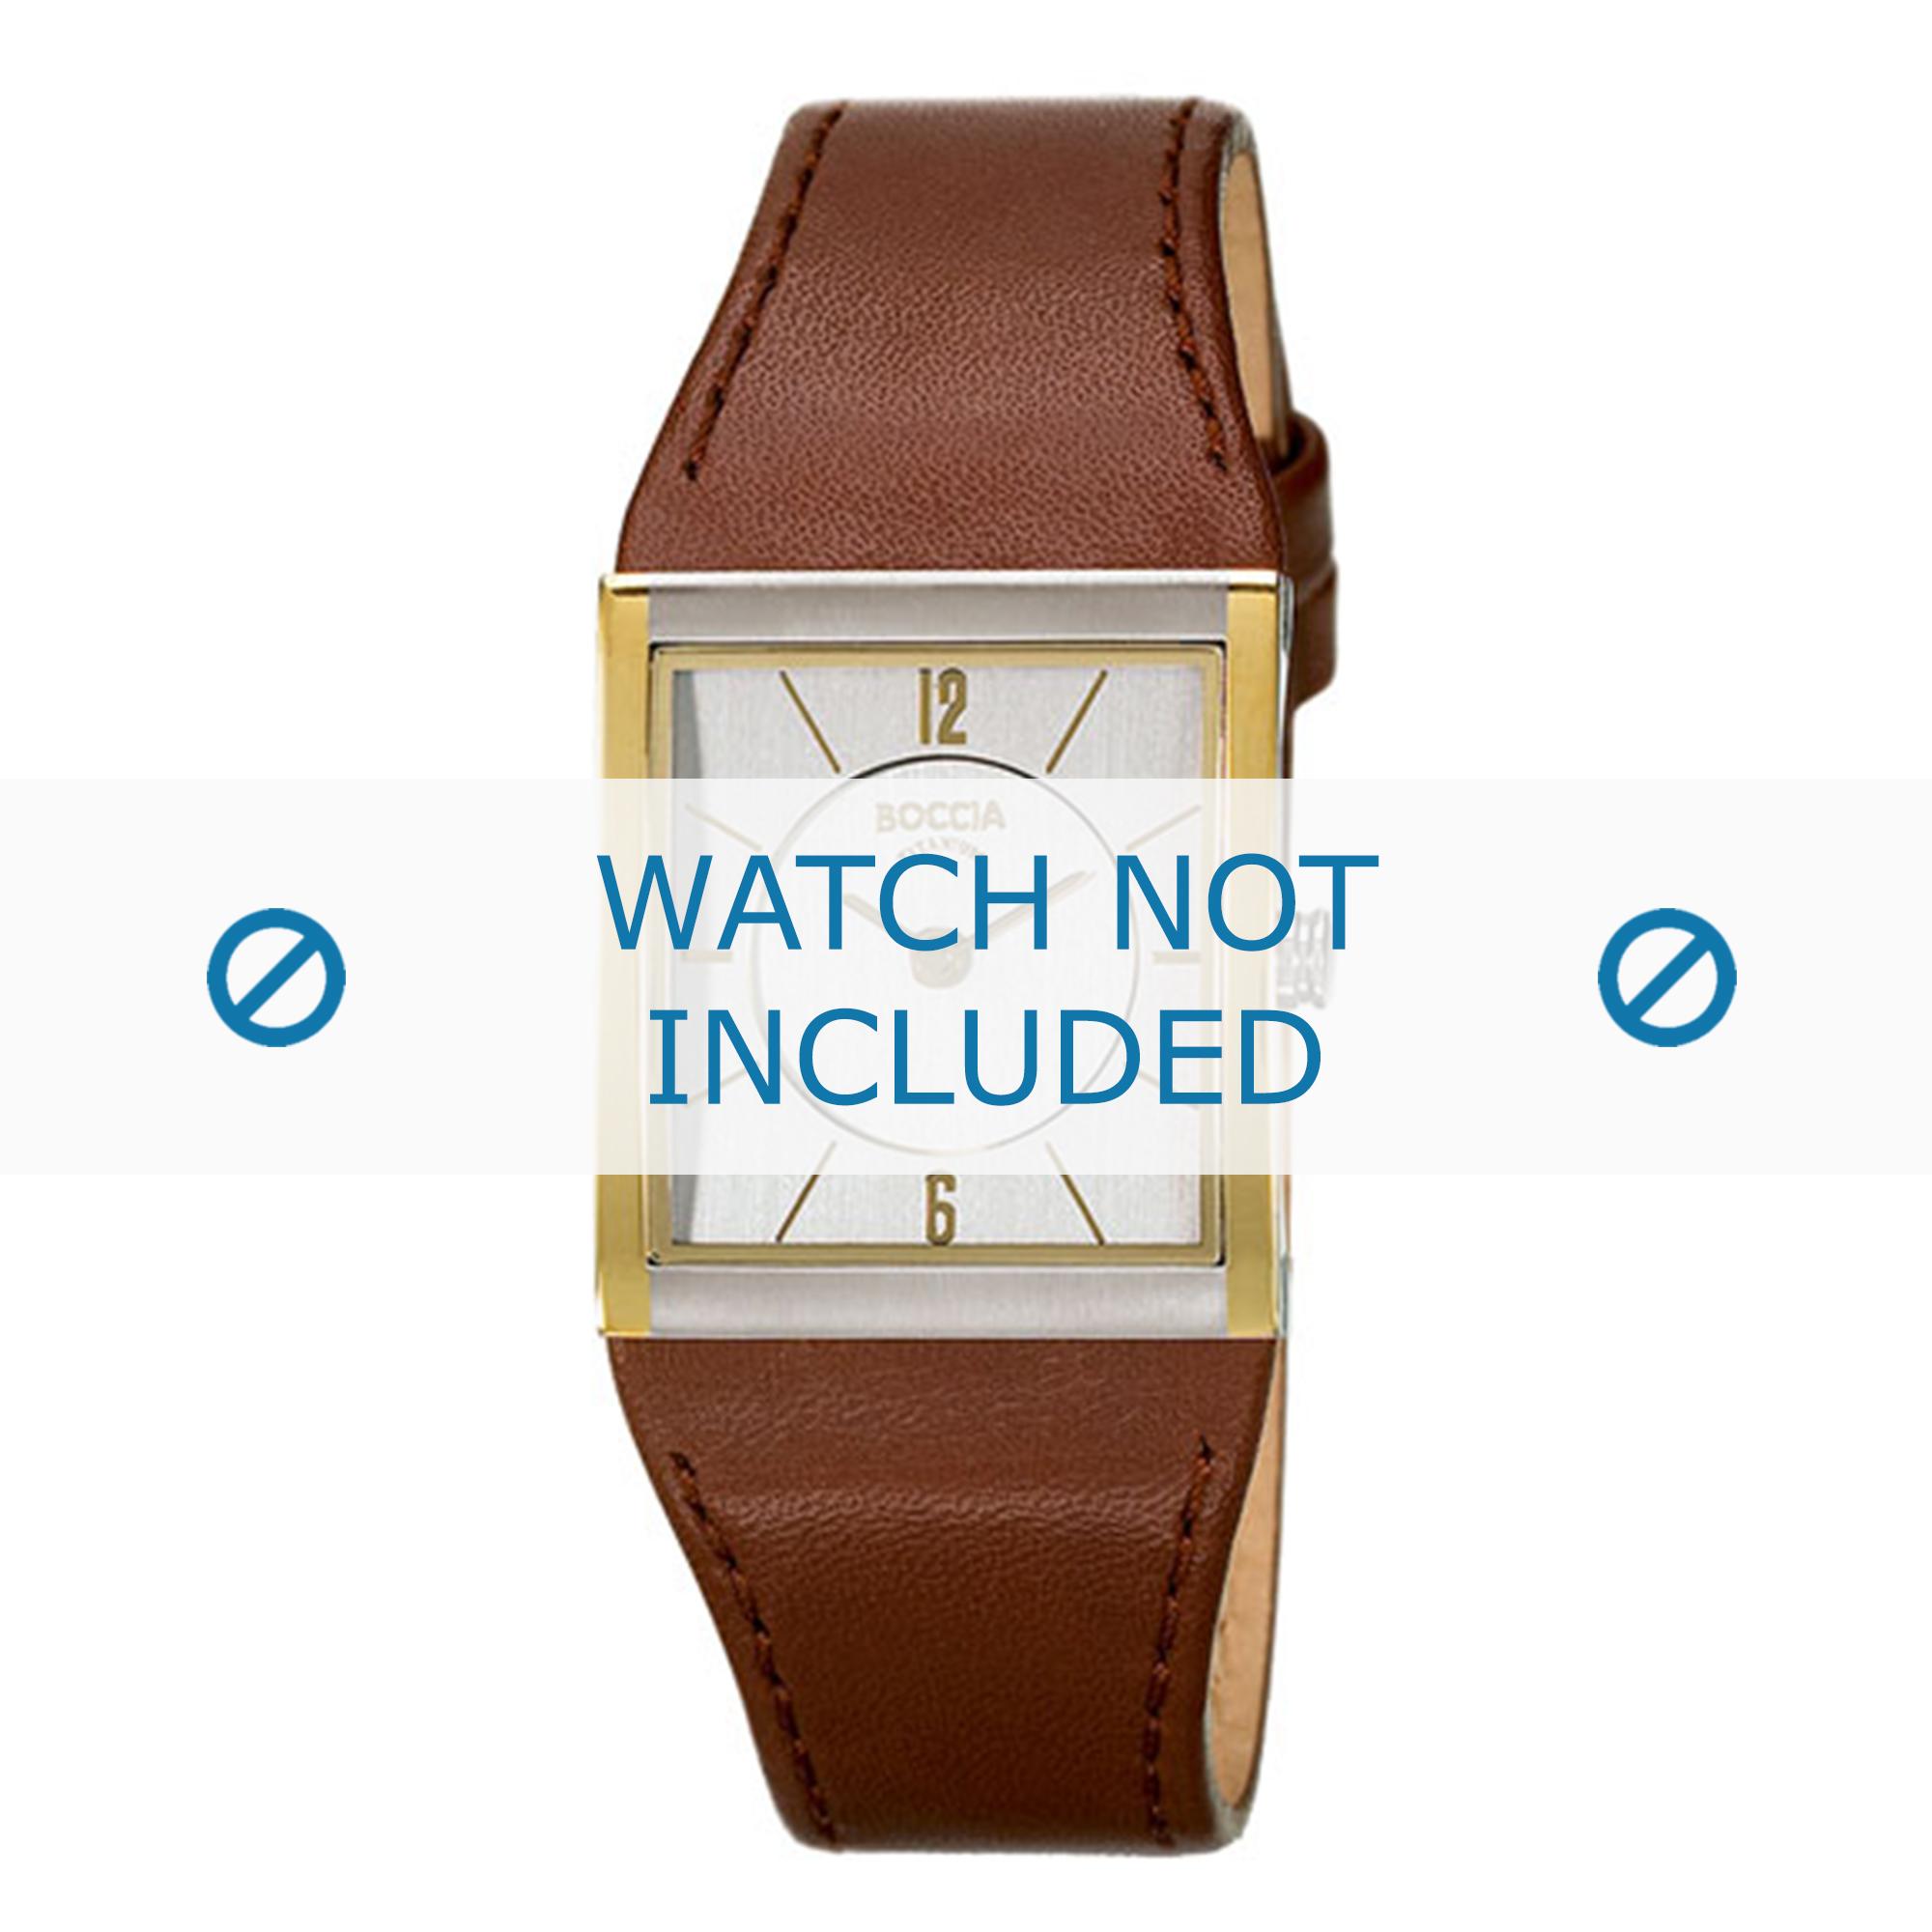 Boccia klockarmband 3148-02-BO3148-02-40 Läder Brun 22mm + sömmar brun